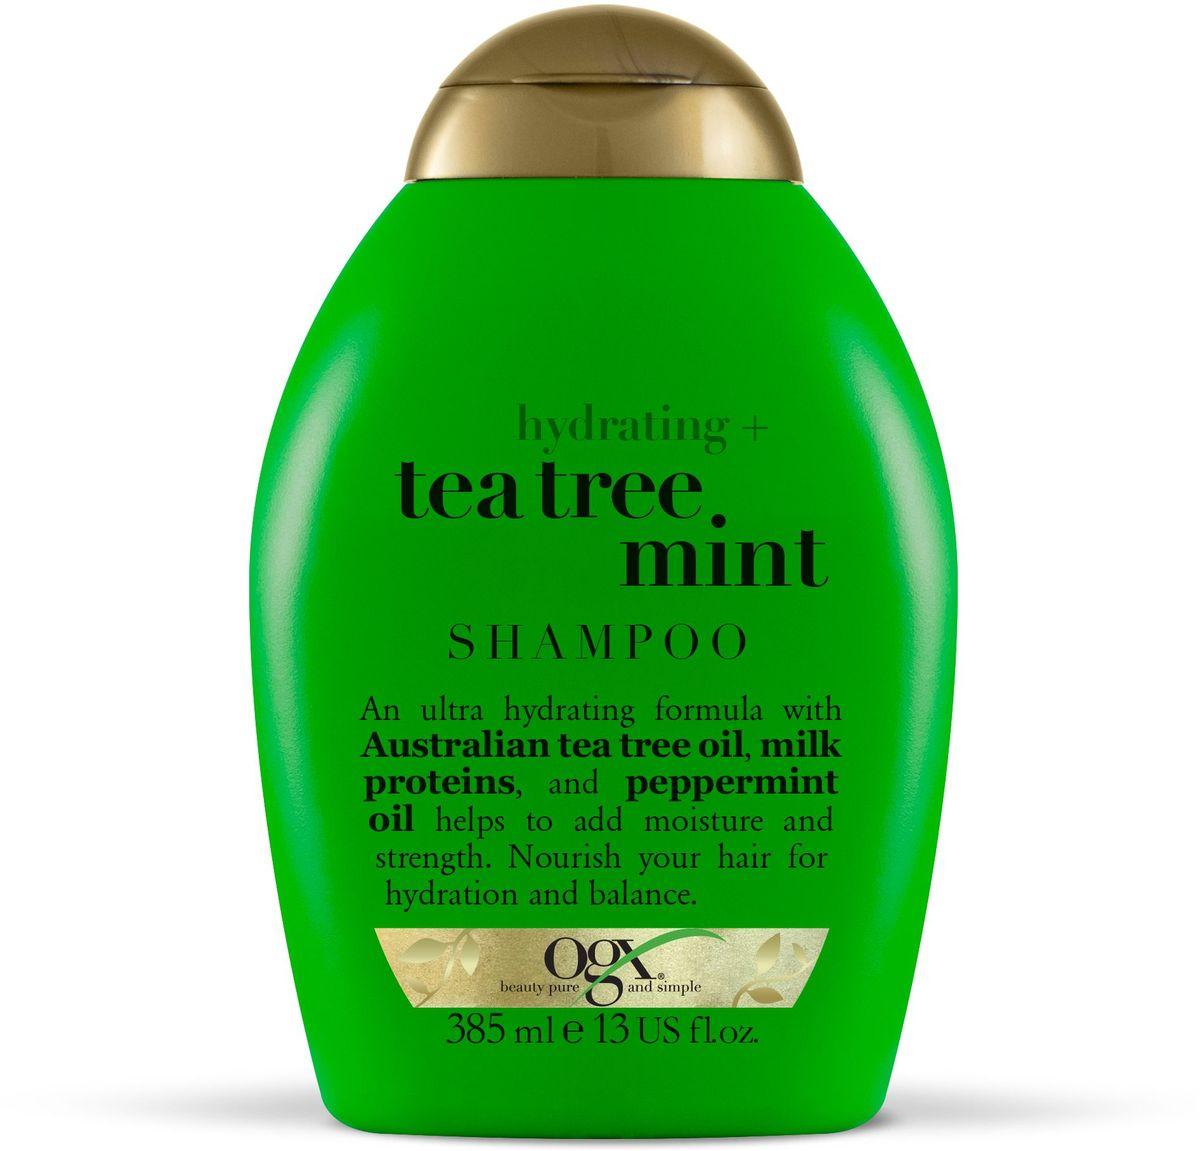 OGX Увлажняющий Шампунь с Маслом чайного дерева и Ментолом, 385 мл.FS-00103Увлажняющий шампунь с маслом чайного дерева и ментолом увлажняет и укрепляет волосы, делая их гладкими и послушными. Помогает поддерживать естественный баланс и наполняют волосы молочным белком.